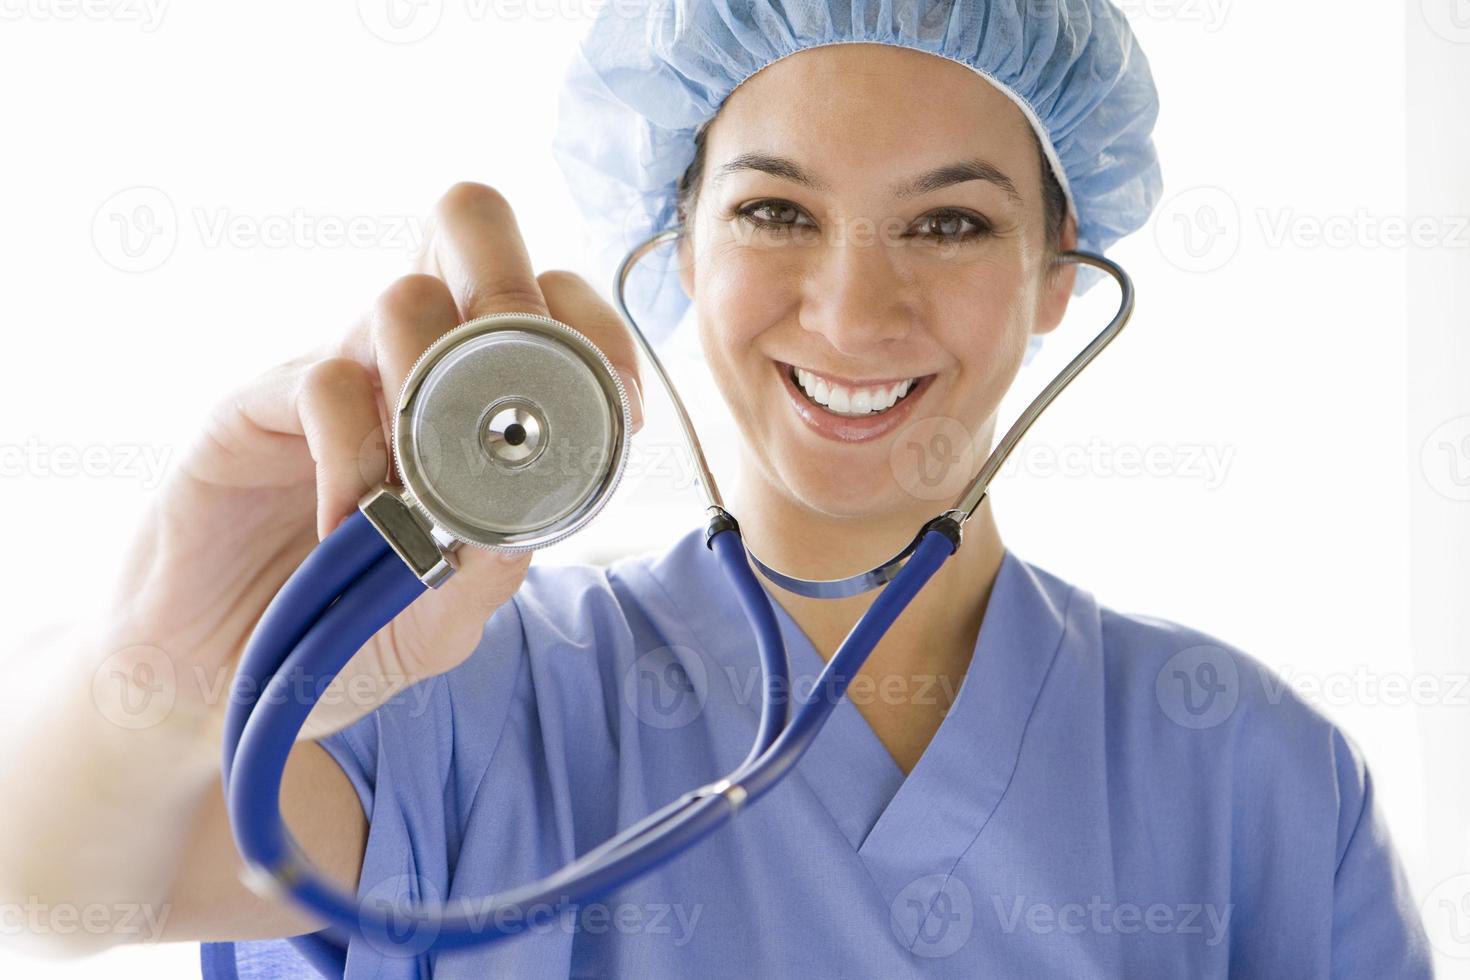 médica com estetoscópio, sorrindo, retrato foto